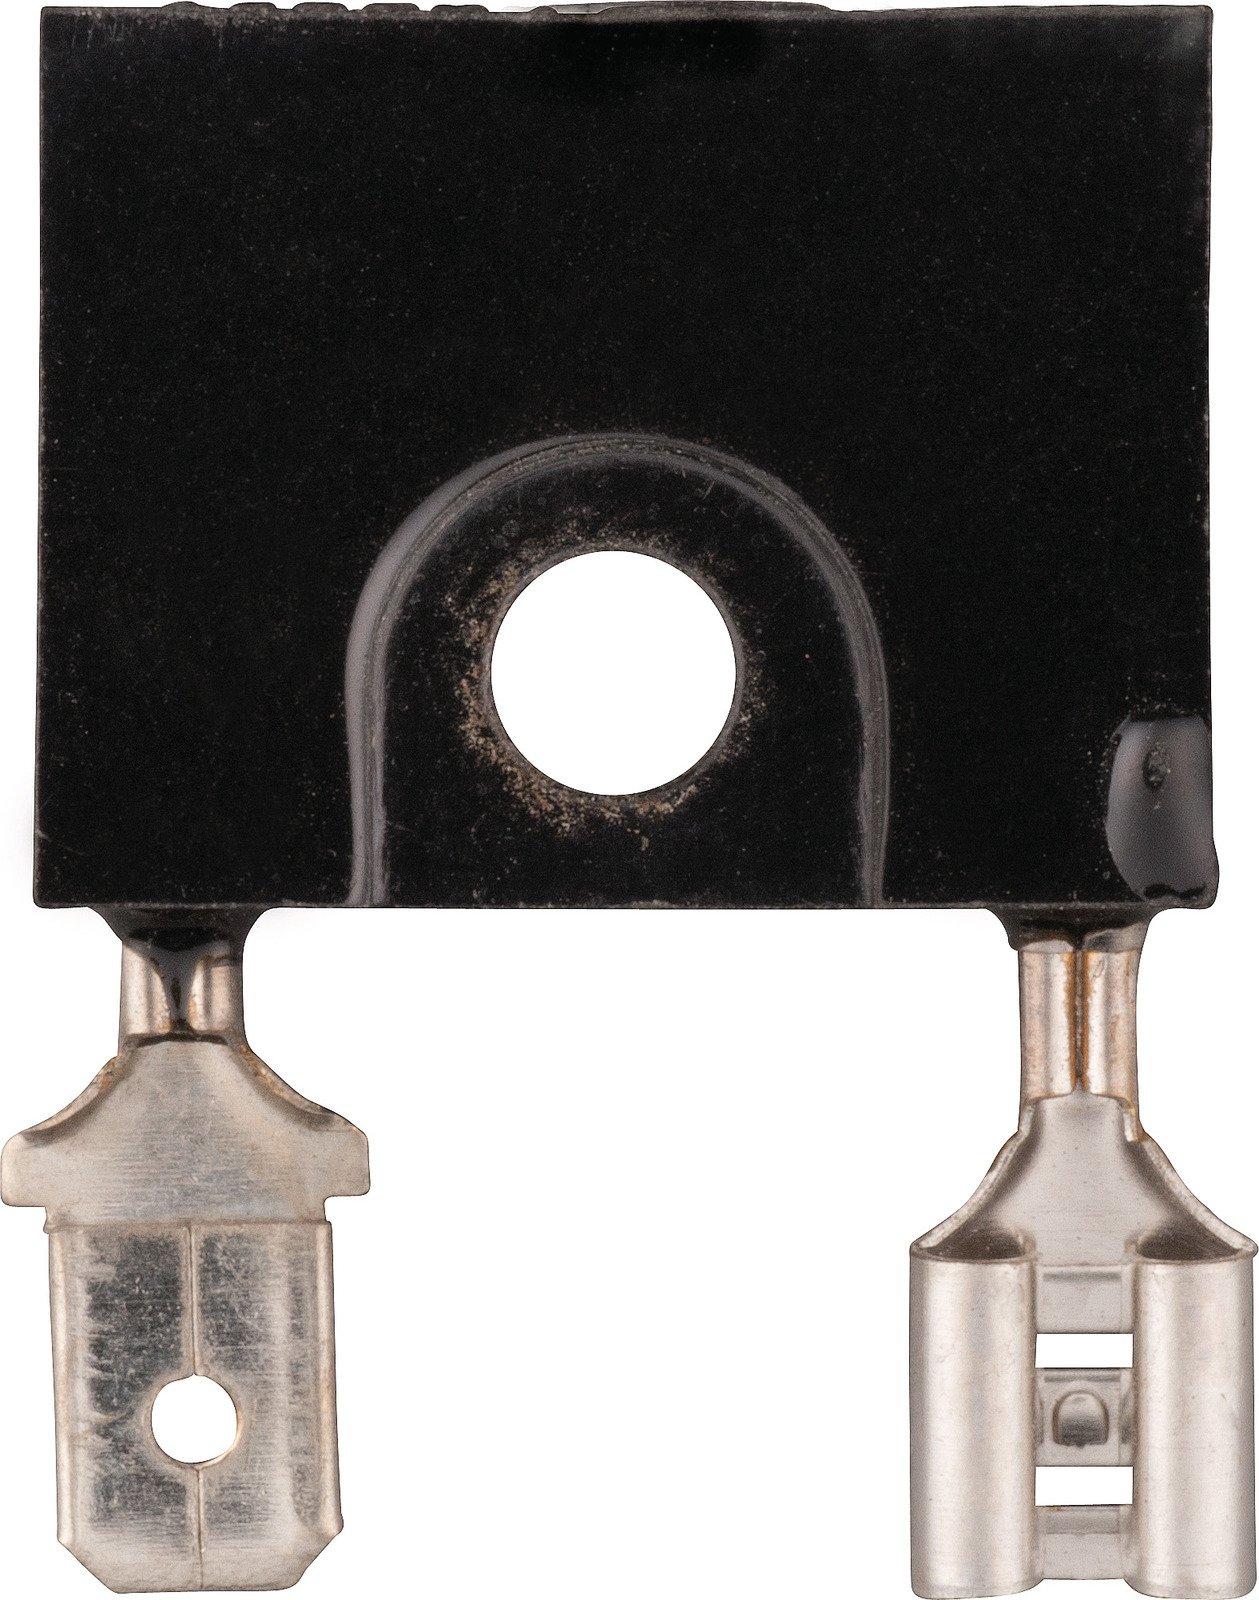 6V CDI MODEL RECTIFIER For XT500 1-027